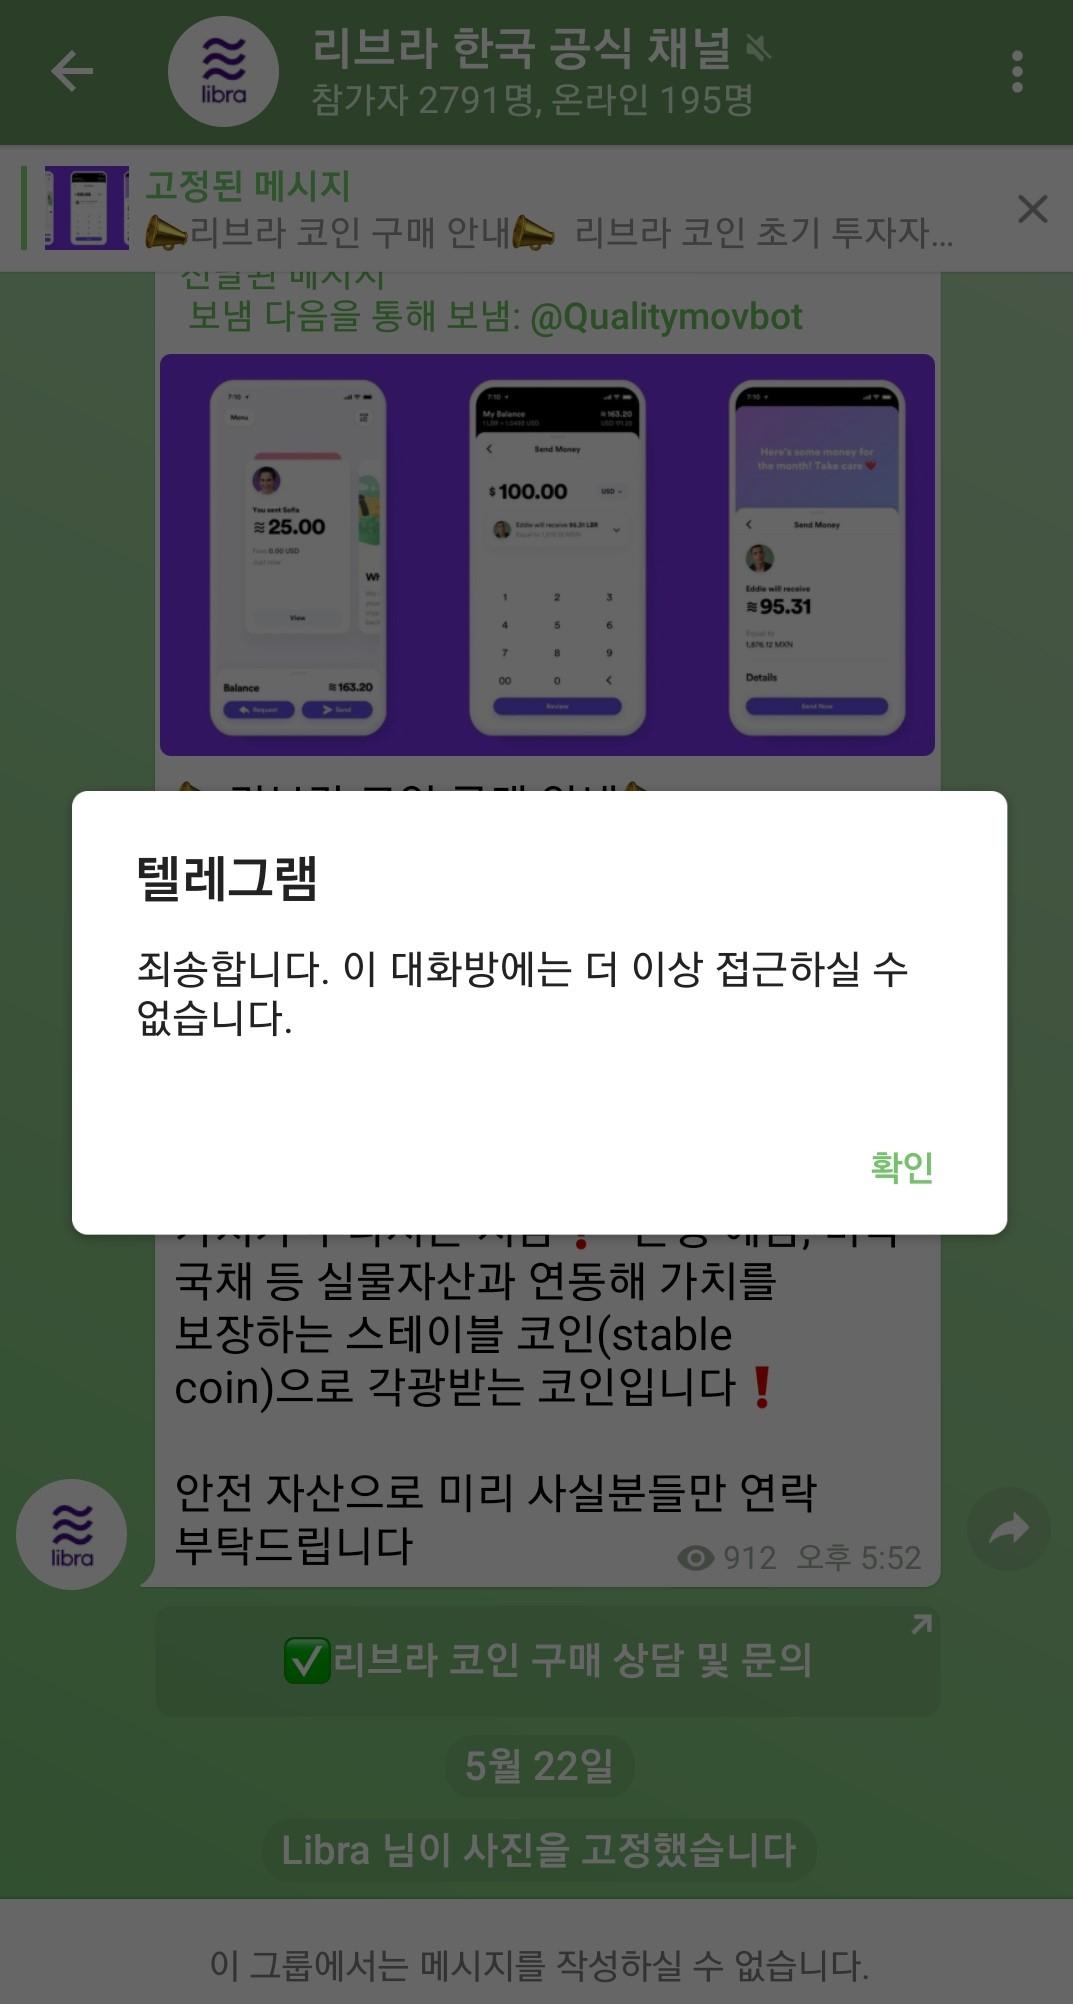 '페이스북 코인 팝니다'…텔레그램에 리브라 사칭 사기가 등장했다